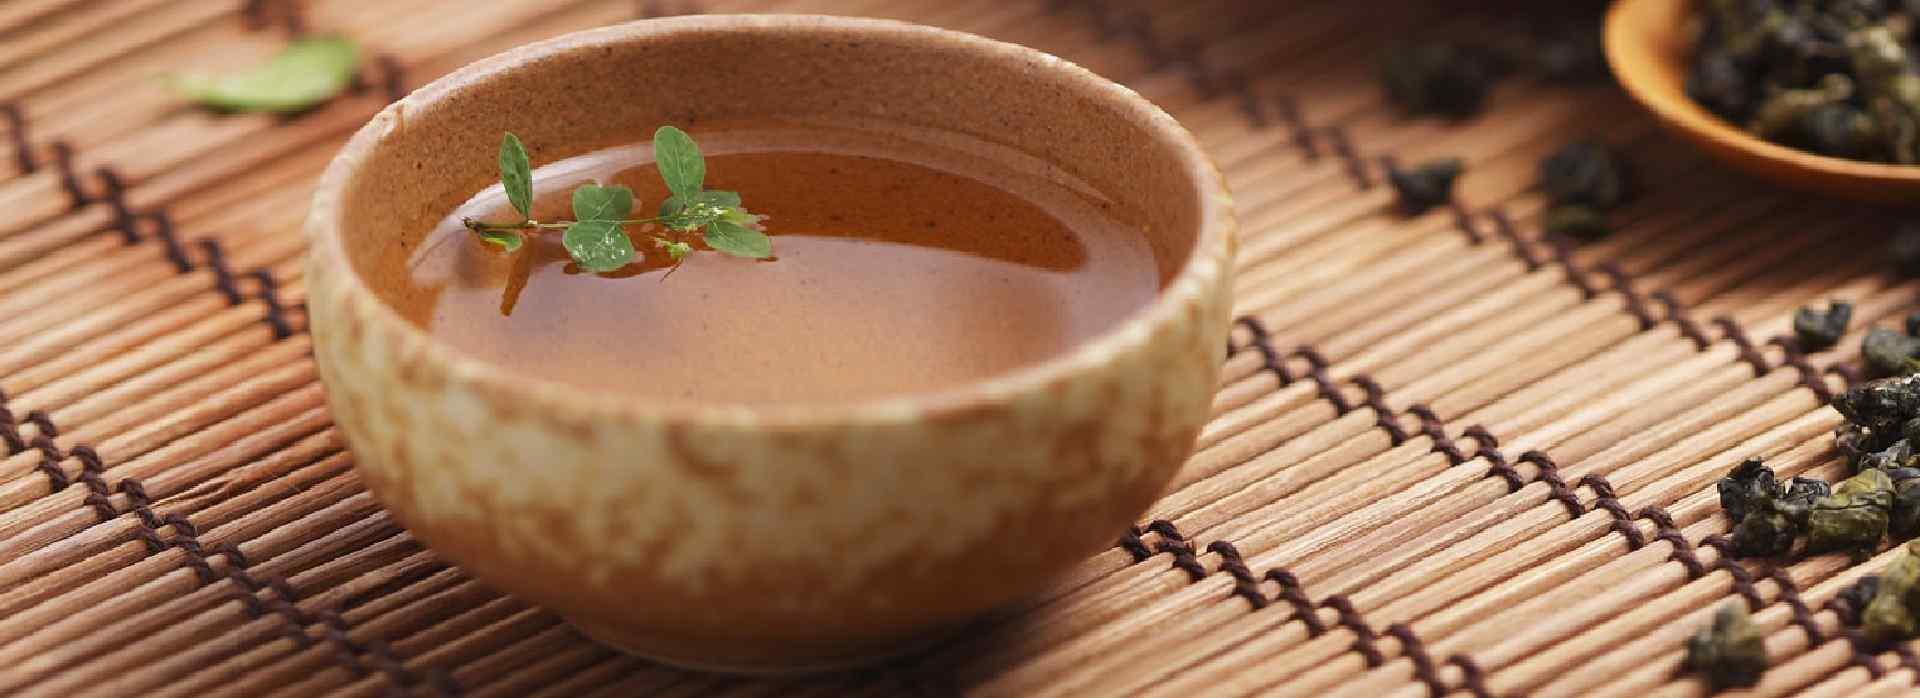 中国茶文化_六大茶类简介_传统茶点_精美茶具壁纸